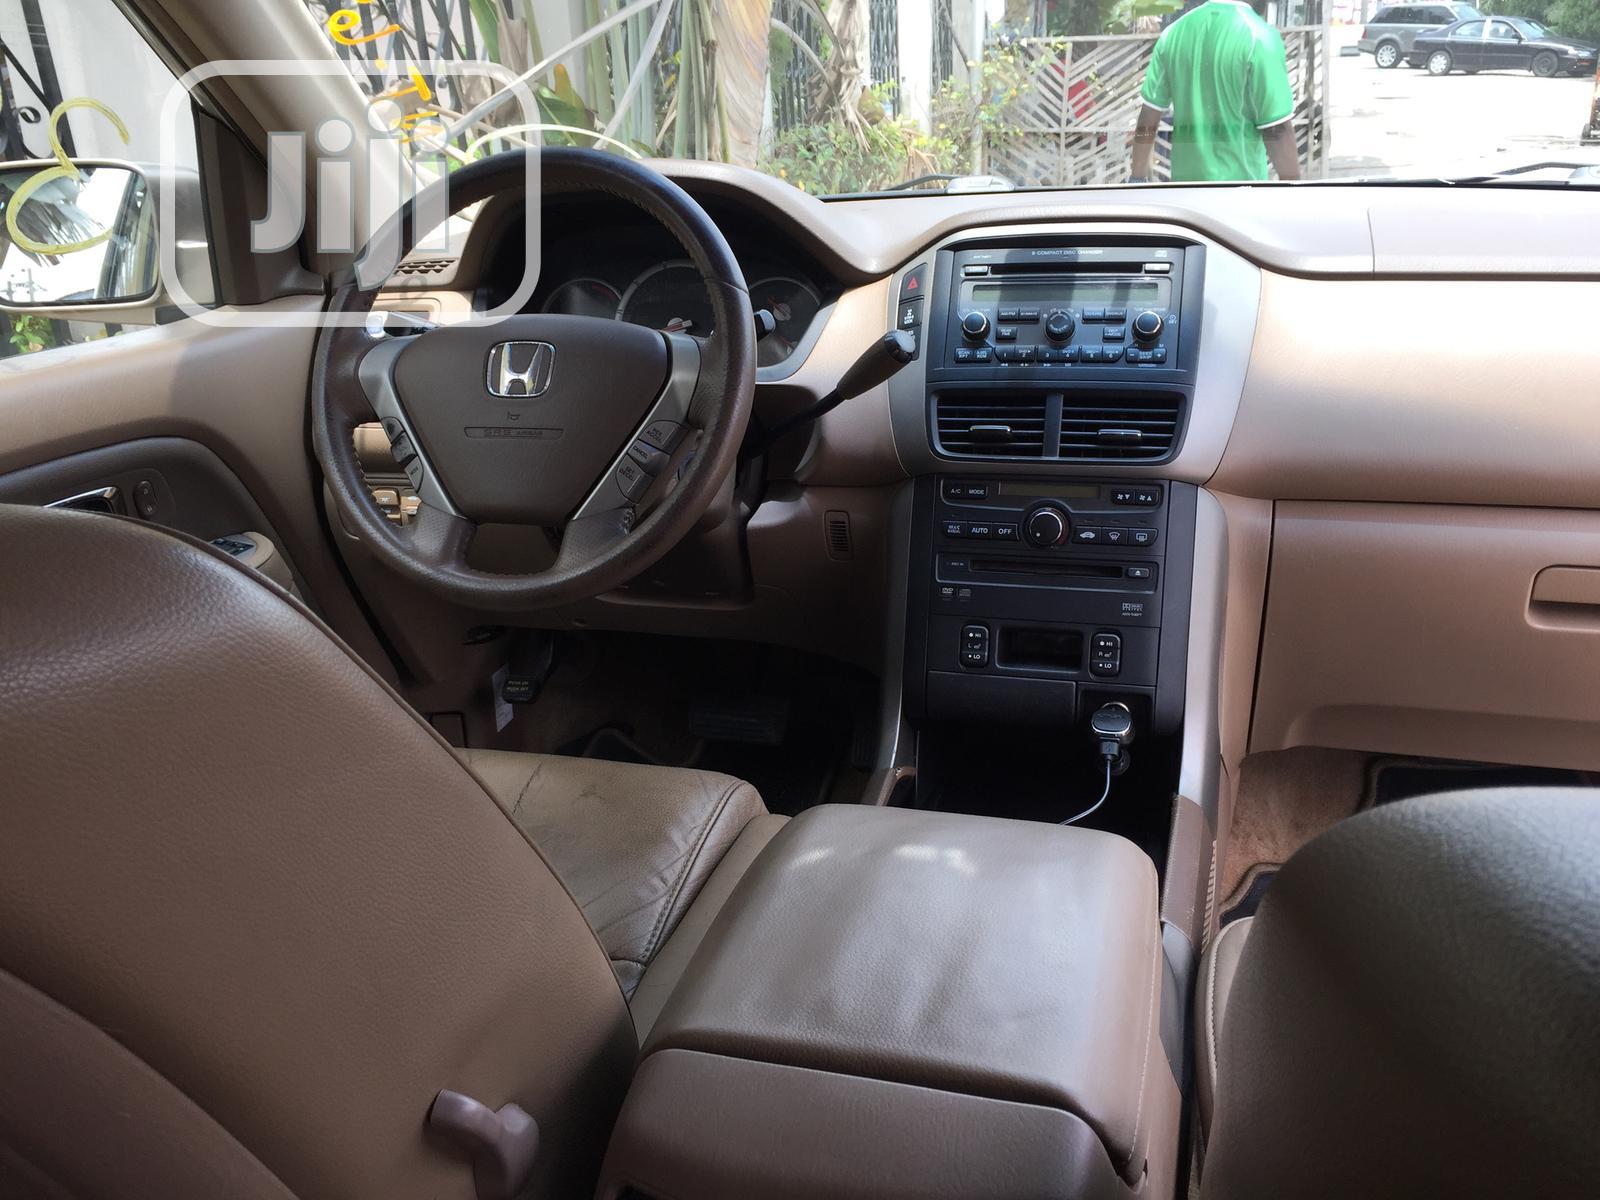 Archive: Honda Pilot 2006 EX-L 4x4 (3.5L 6cyl 5A) Gold